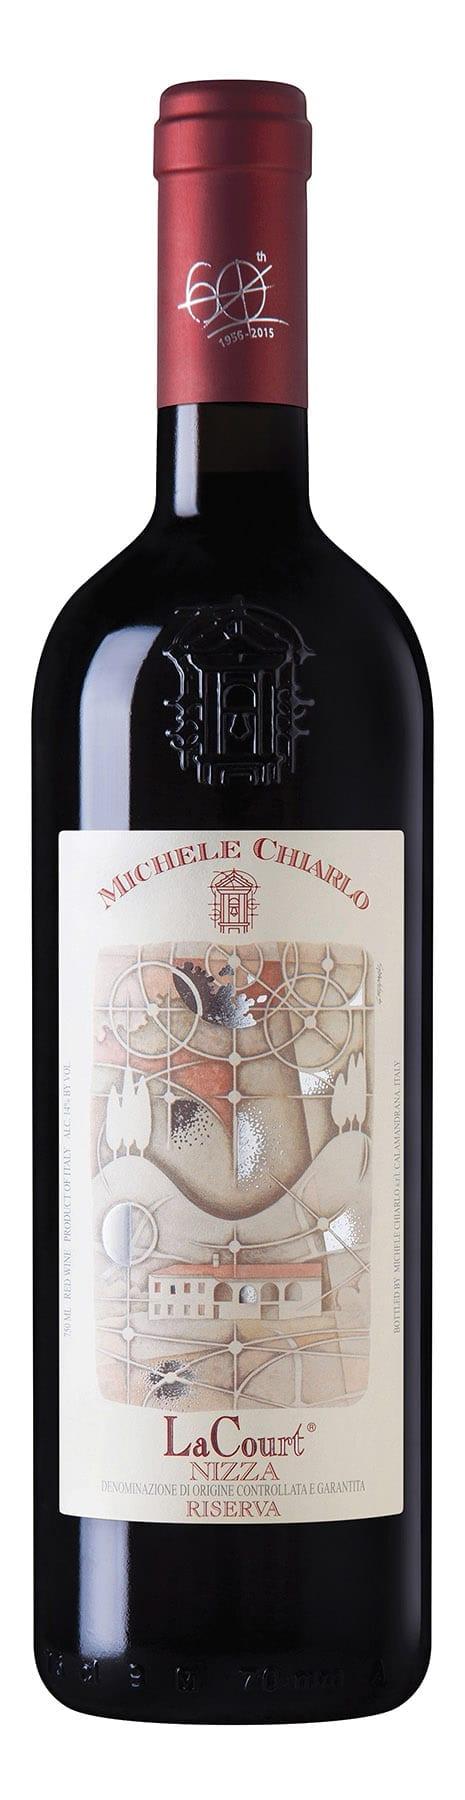 Red wine bottle, Barbera Nizza, Michele Chiarlo, Italian, Piedmont